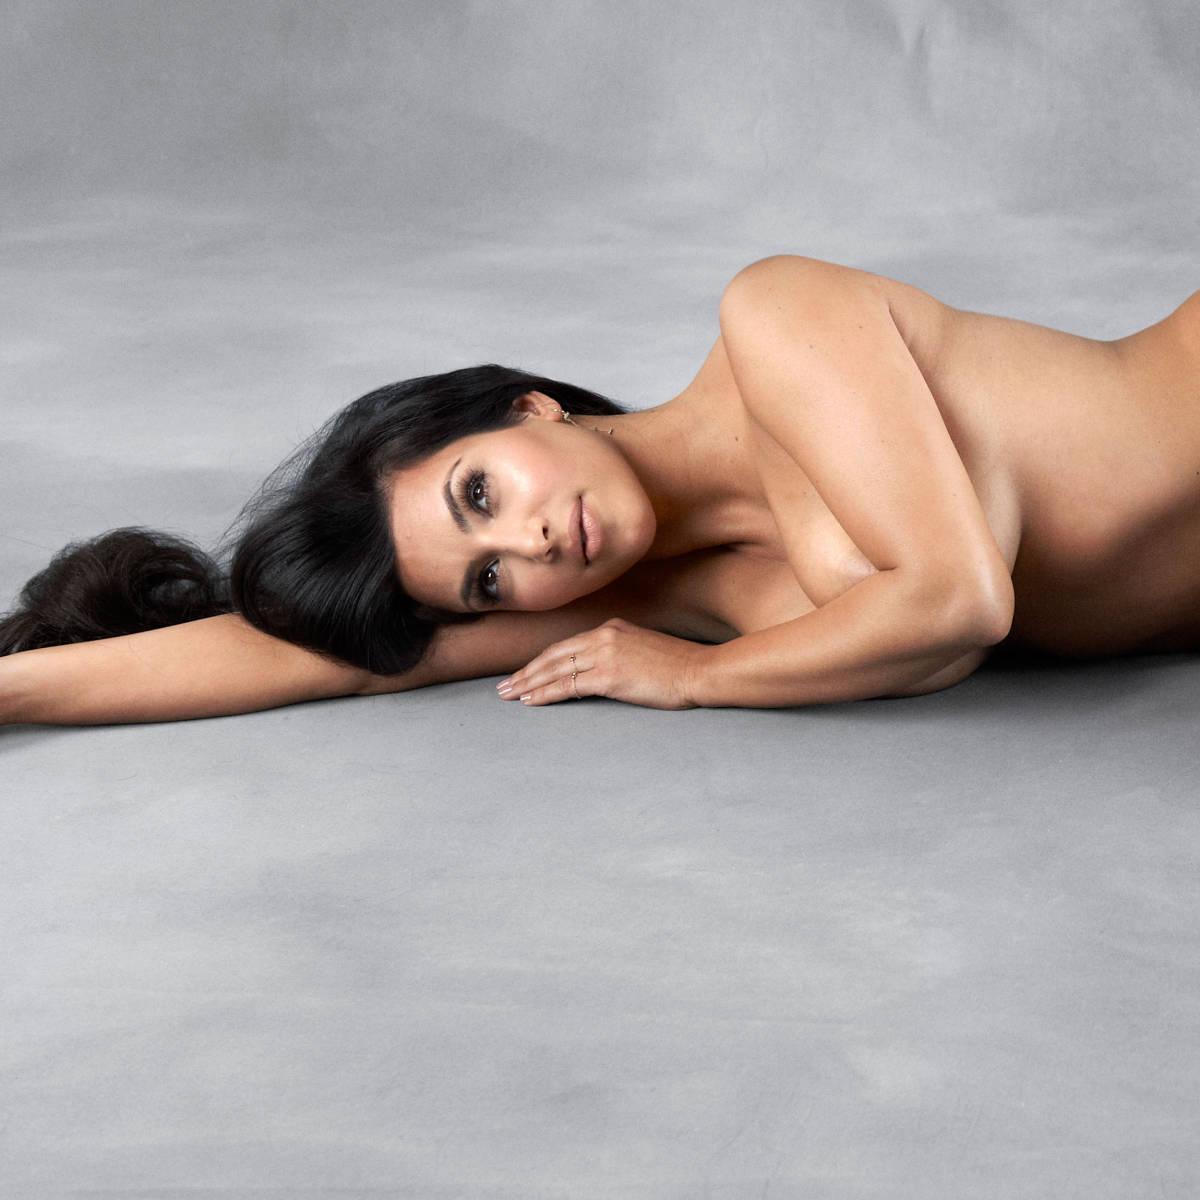 Stolen naked photos-4894